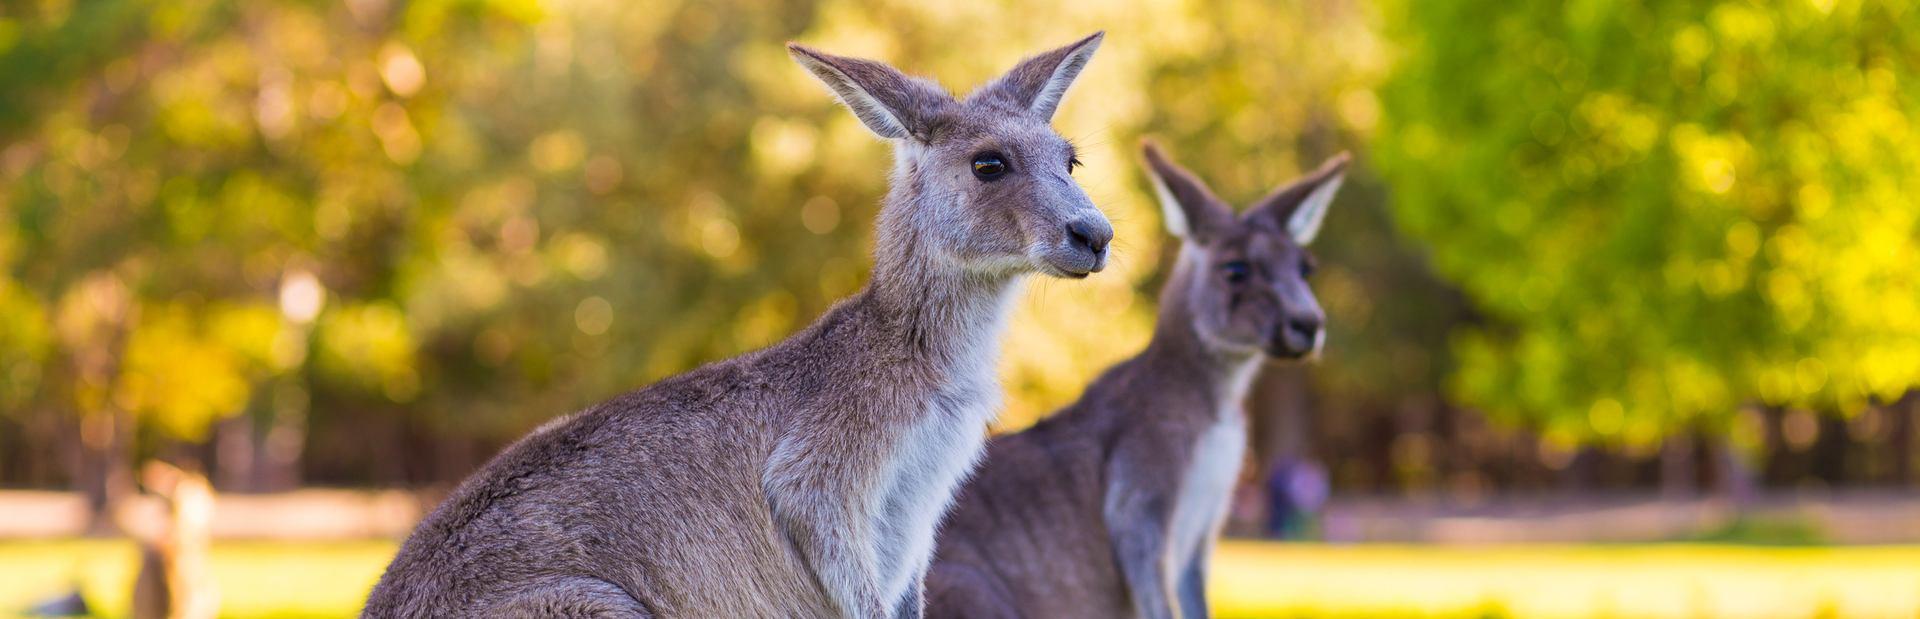 Australia photo tour